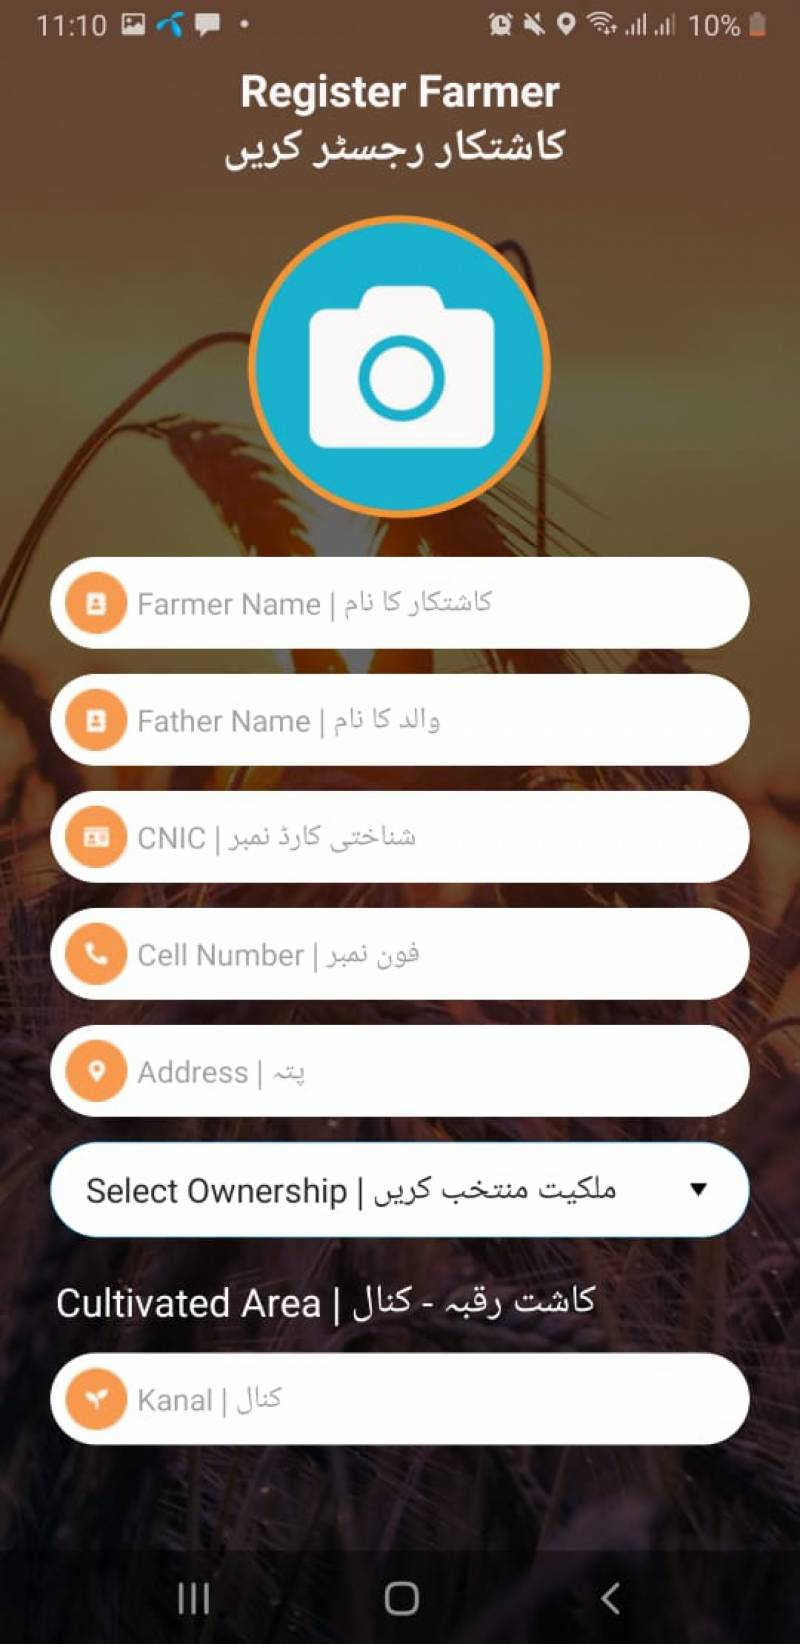 78,000 farmers registered through Bardana Mobile App